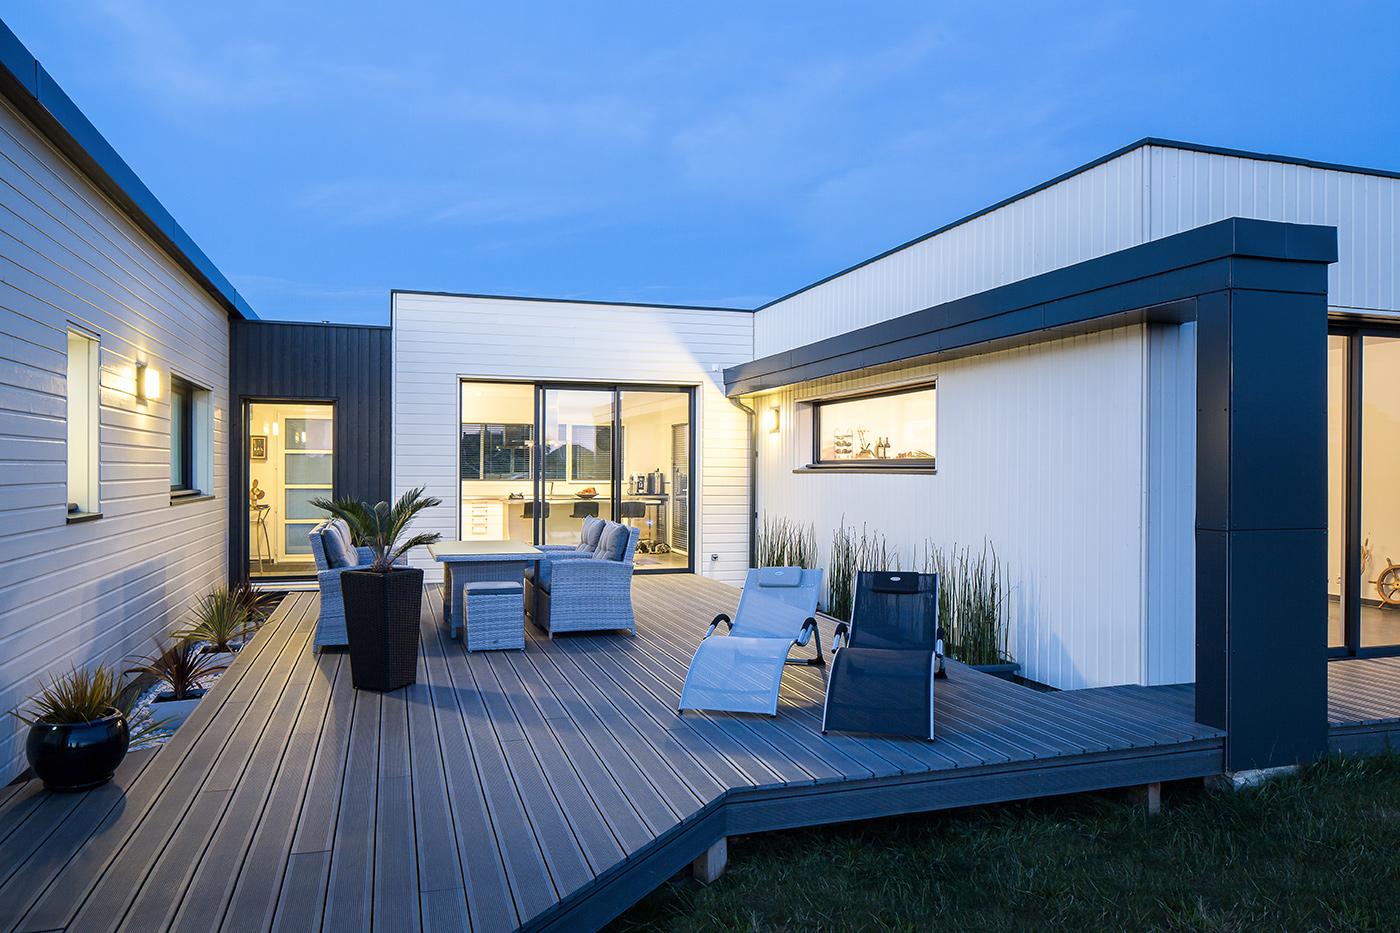 Maisons nature bois de style contemporain la maison for Jfr nature et bois